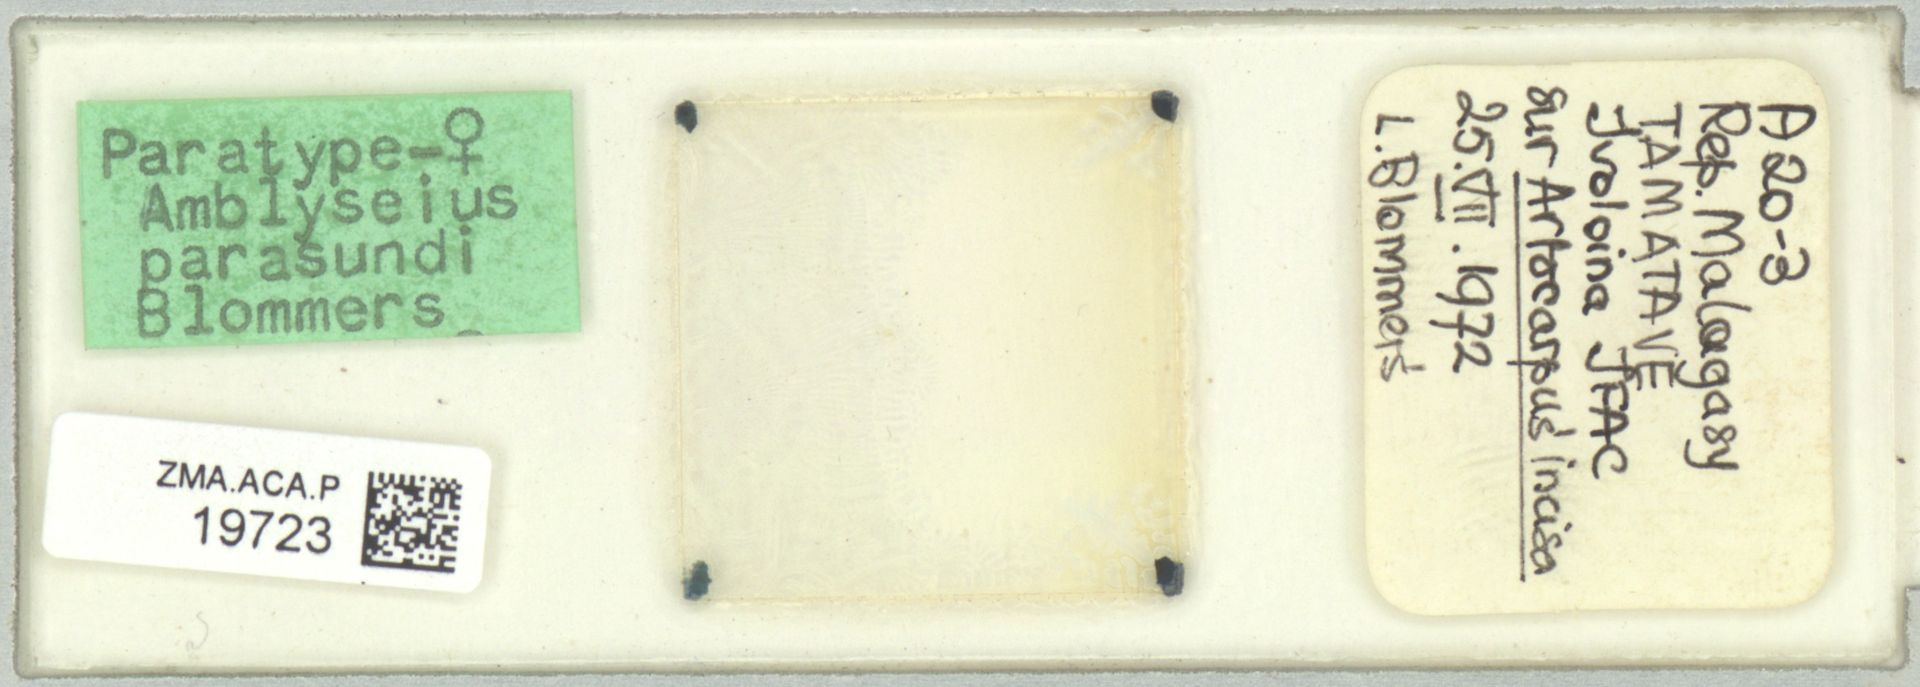 ZMA.ACA.P.19723 | Amblyseius parasundi